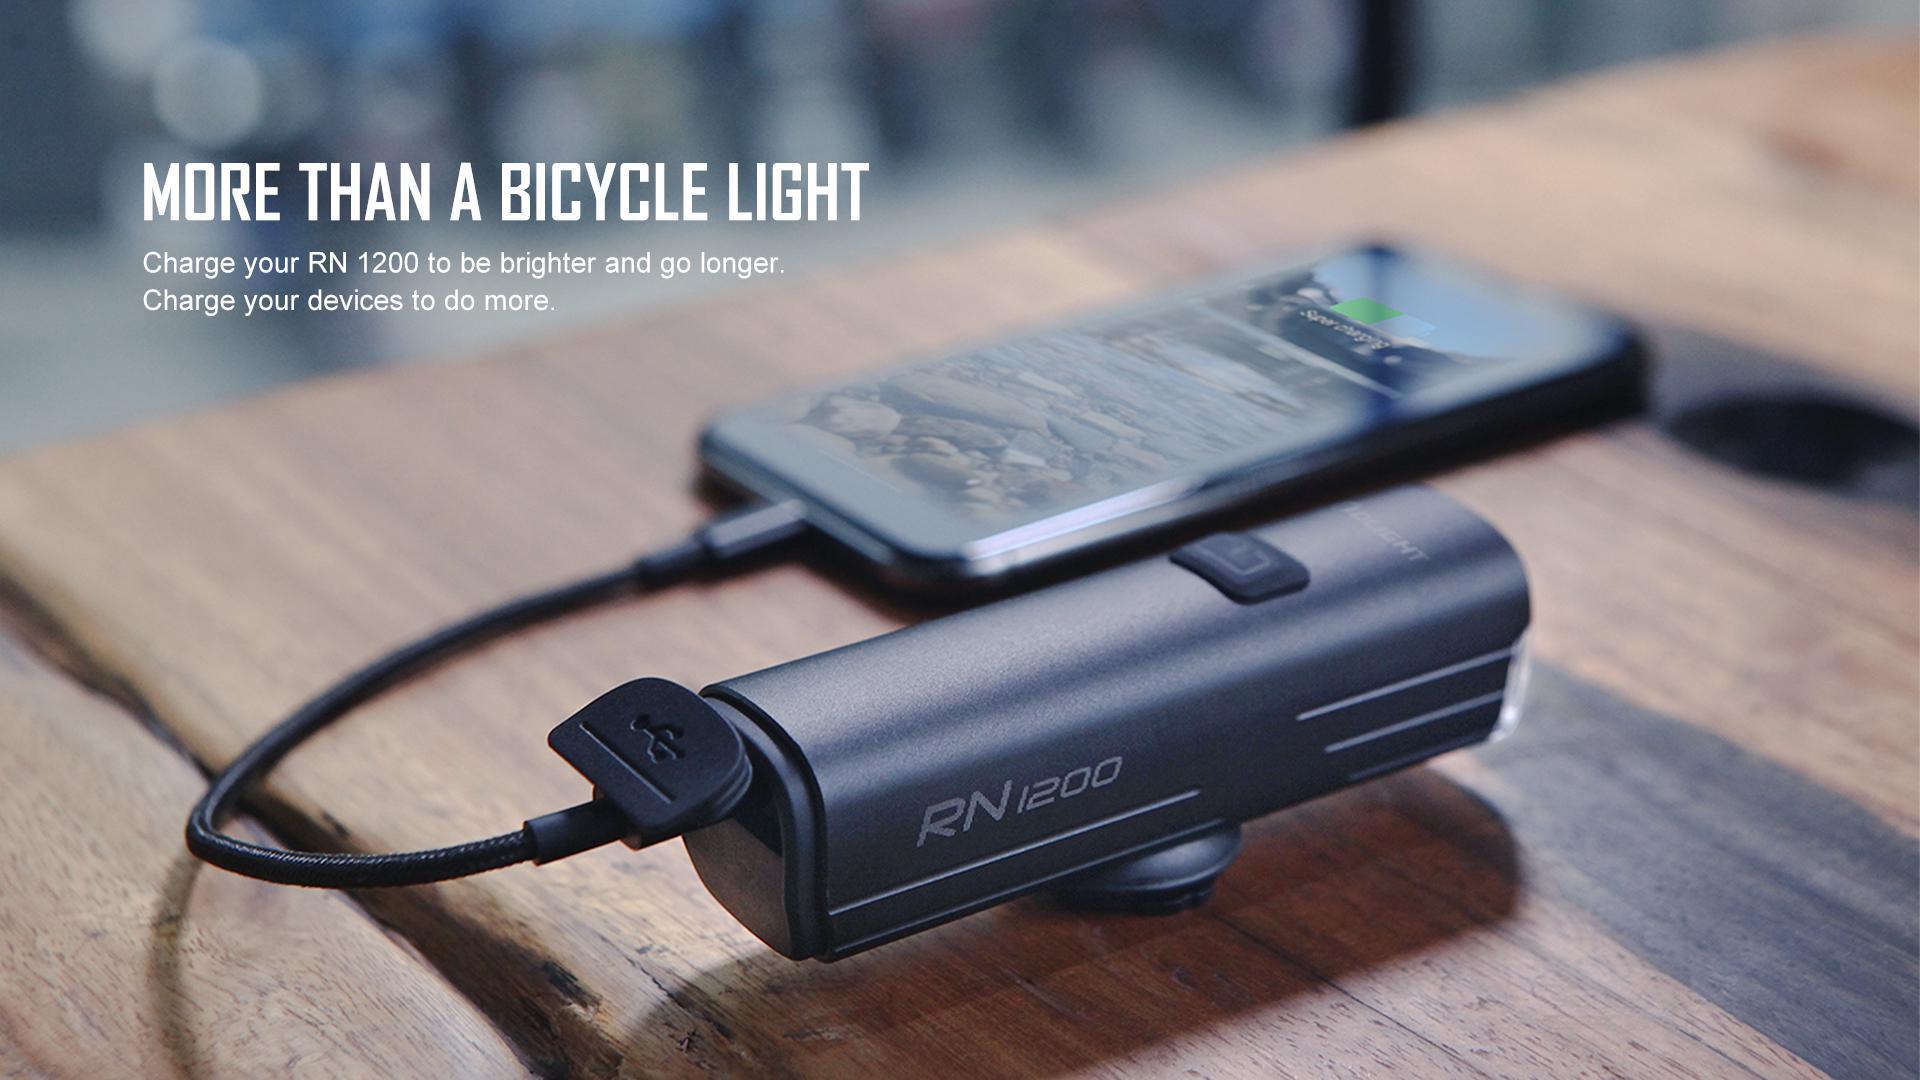 RN 1200 Cycling Light 1200 Lumens